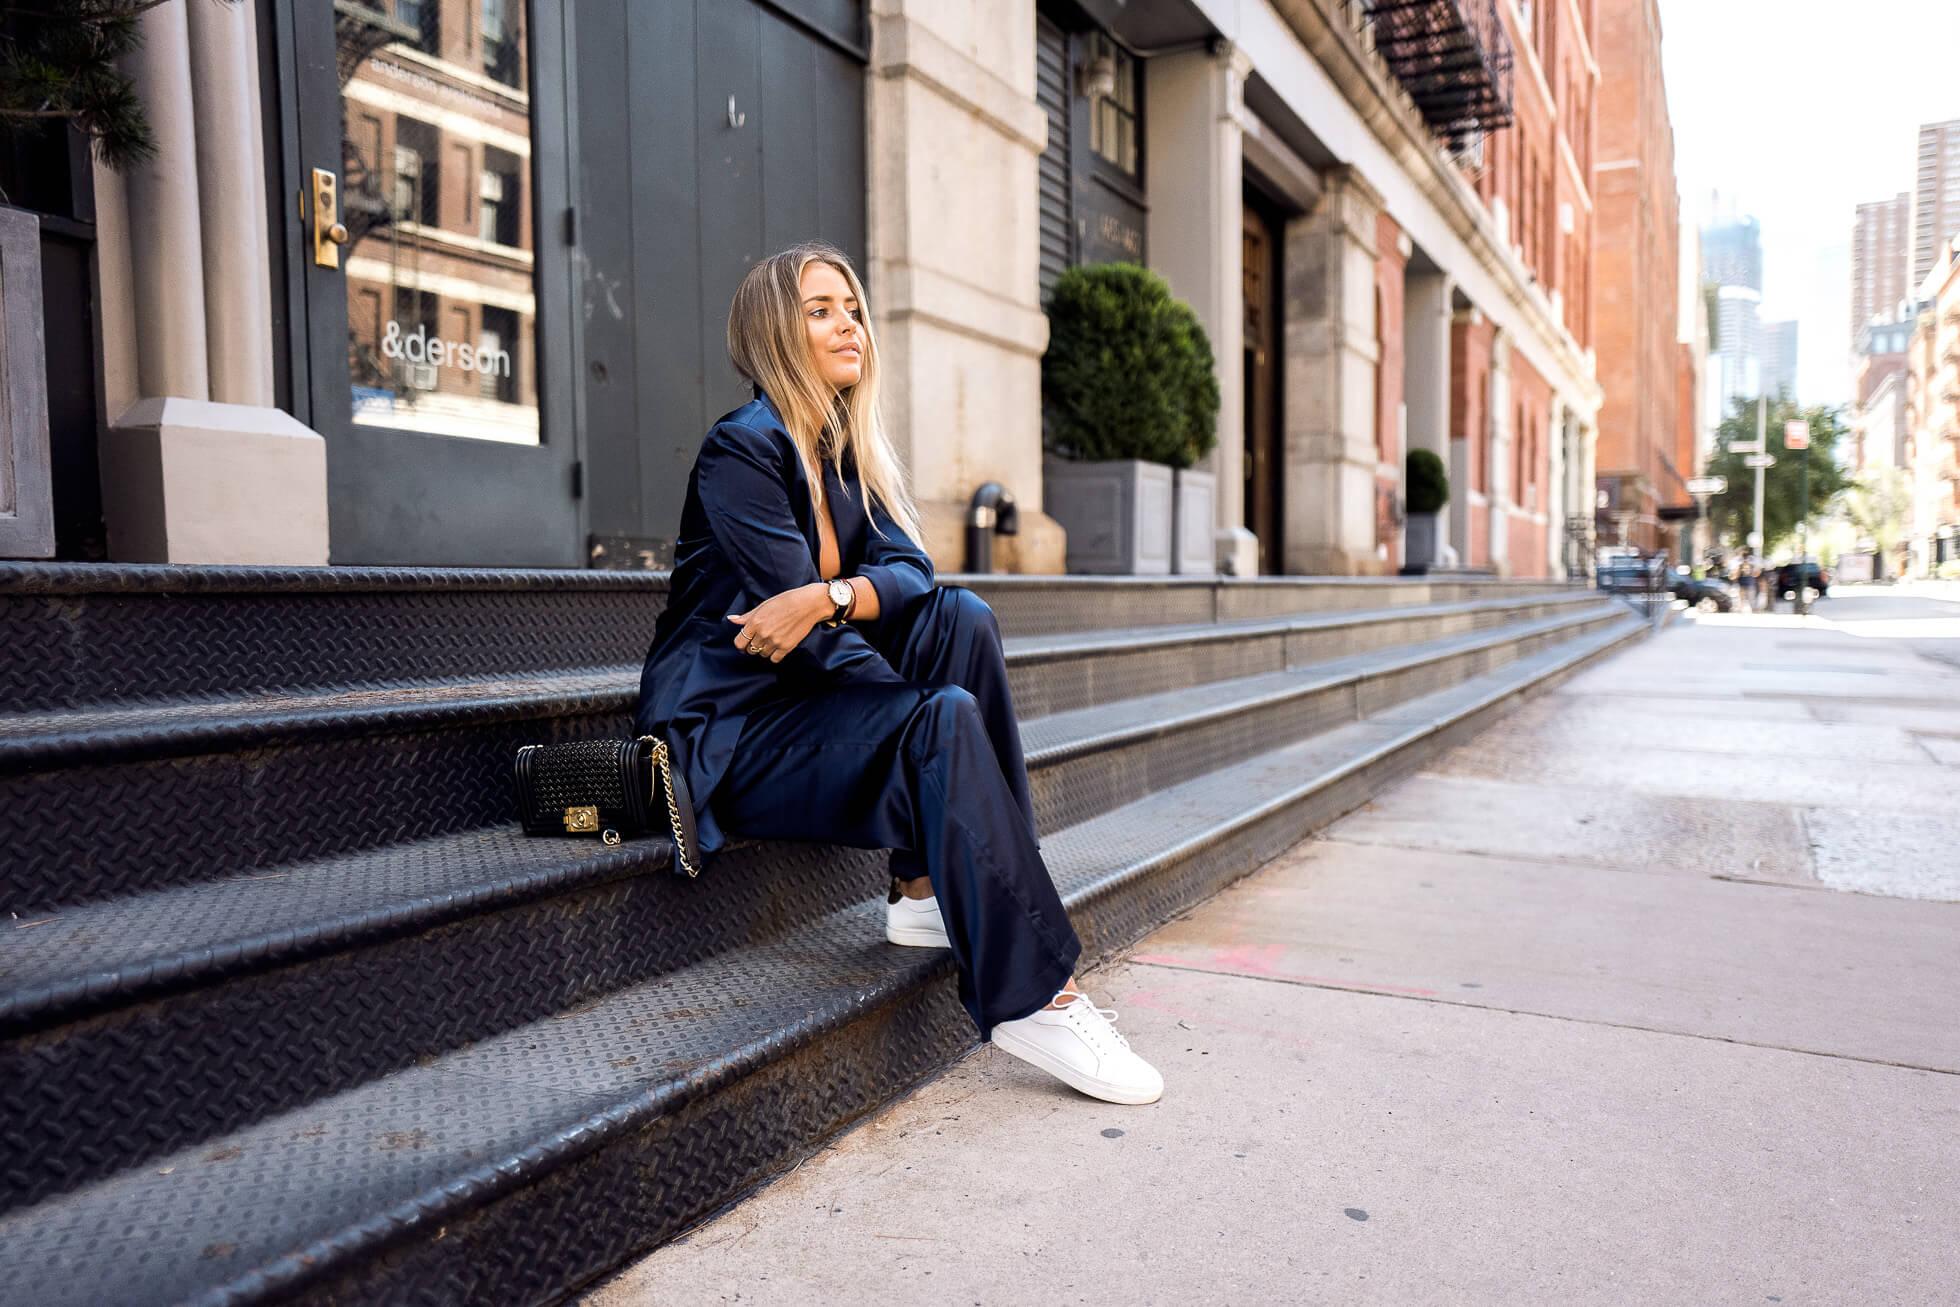 janni-deler-dw-fashionweekL1090324-Redigera